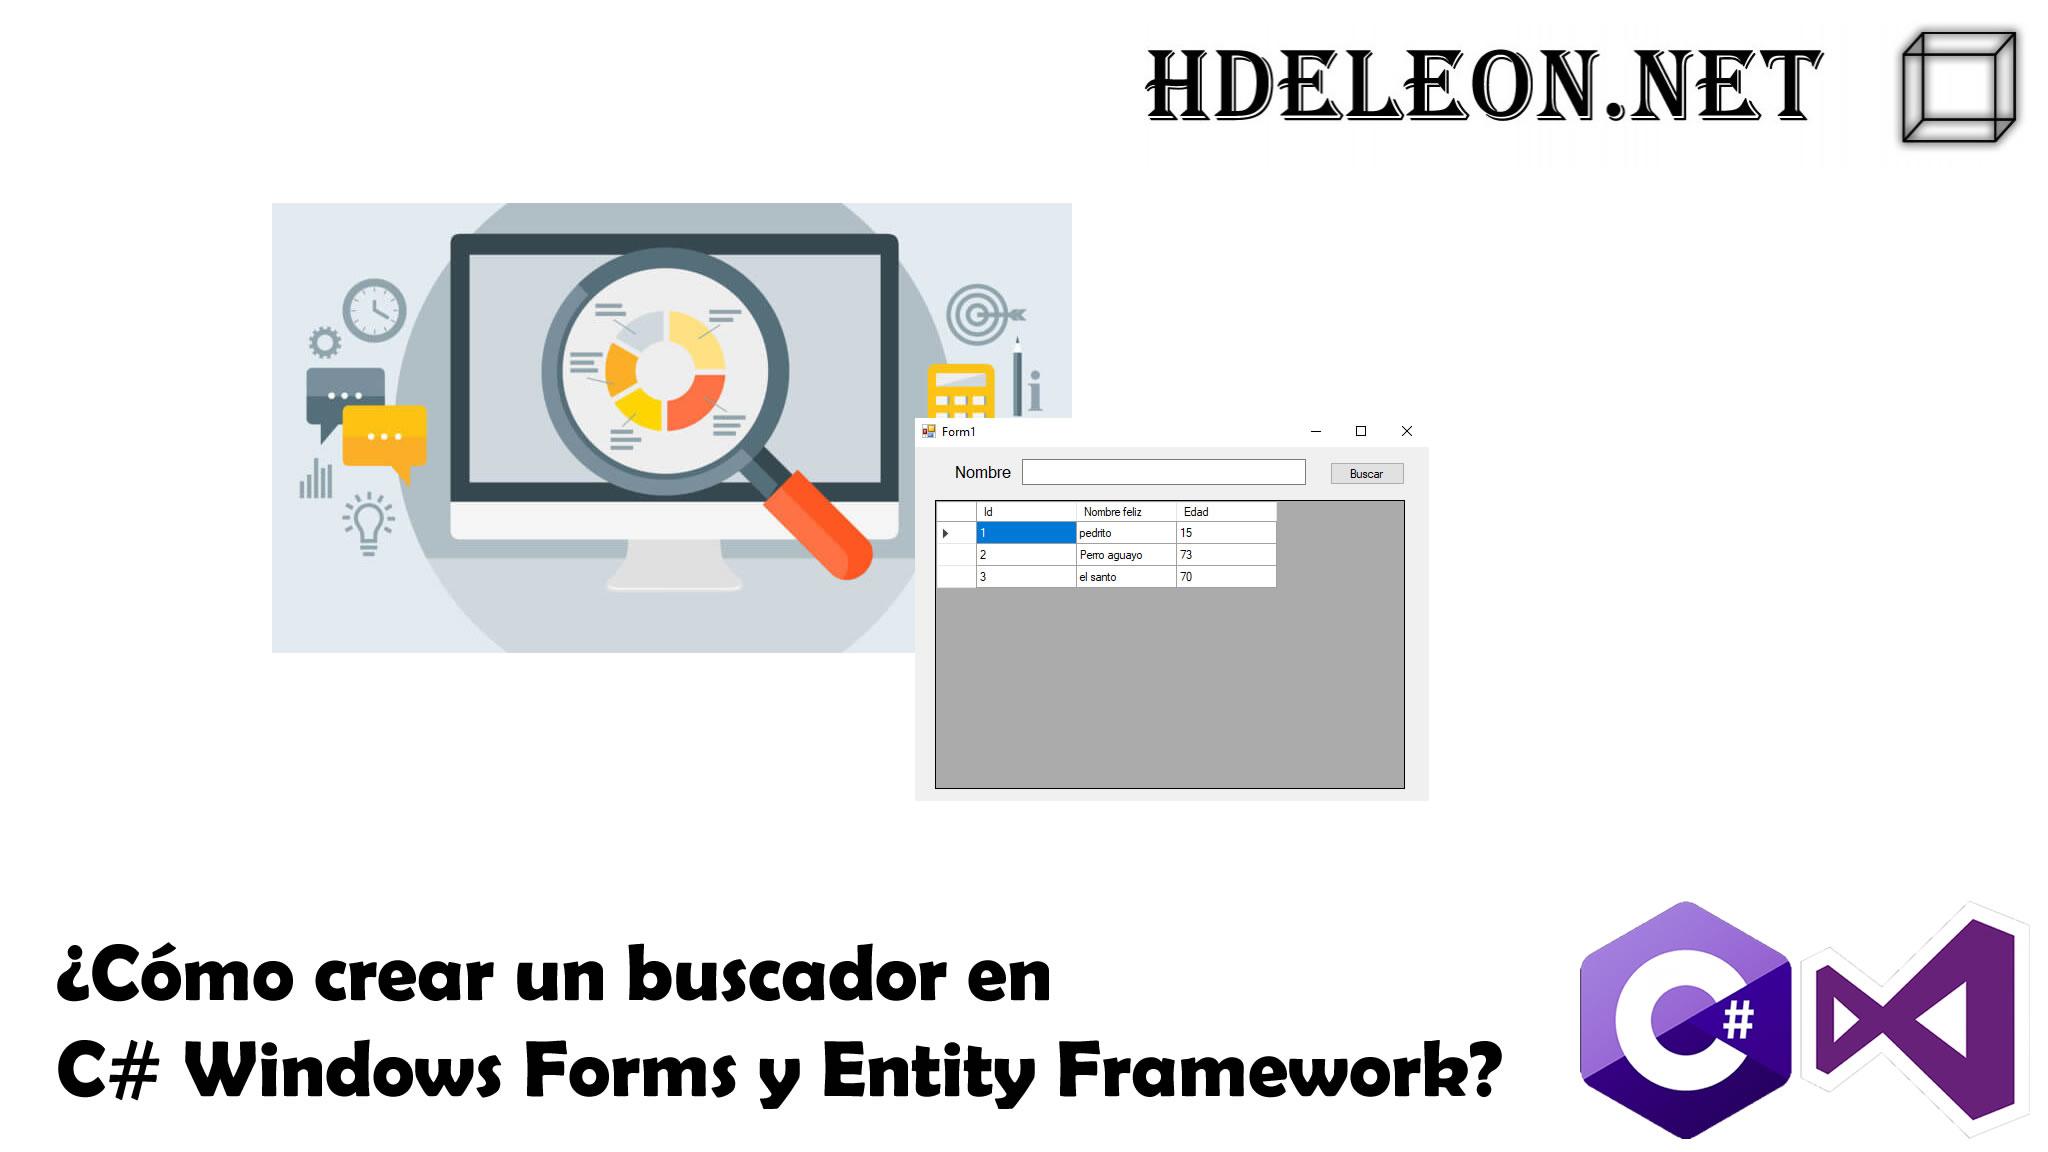 ¿Cómo crear un buscador en C# Windows Forms y Entity Framework?